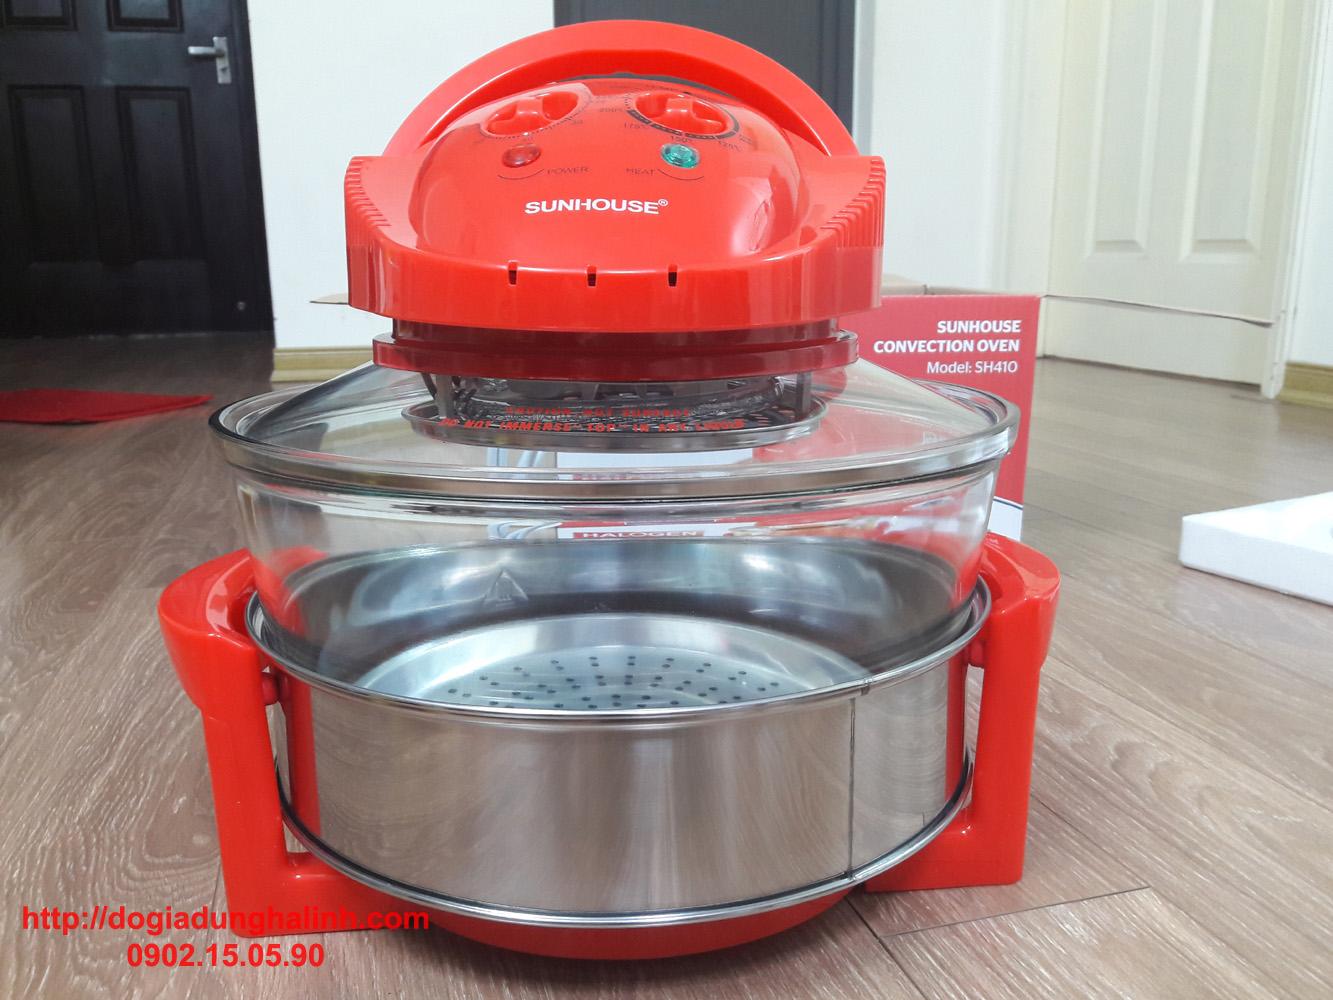 Lò nướng thủy tinh Sunhouse SH410 - Bếp nướng điện  Sunhouse - Hàng chính hãng bảo hành 12 tháng